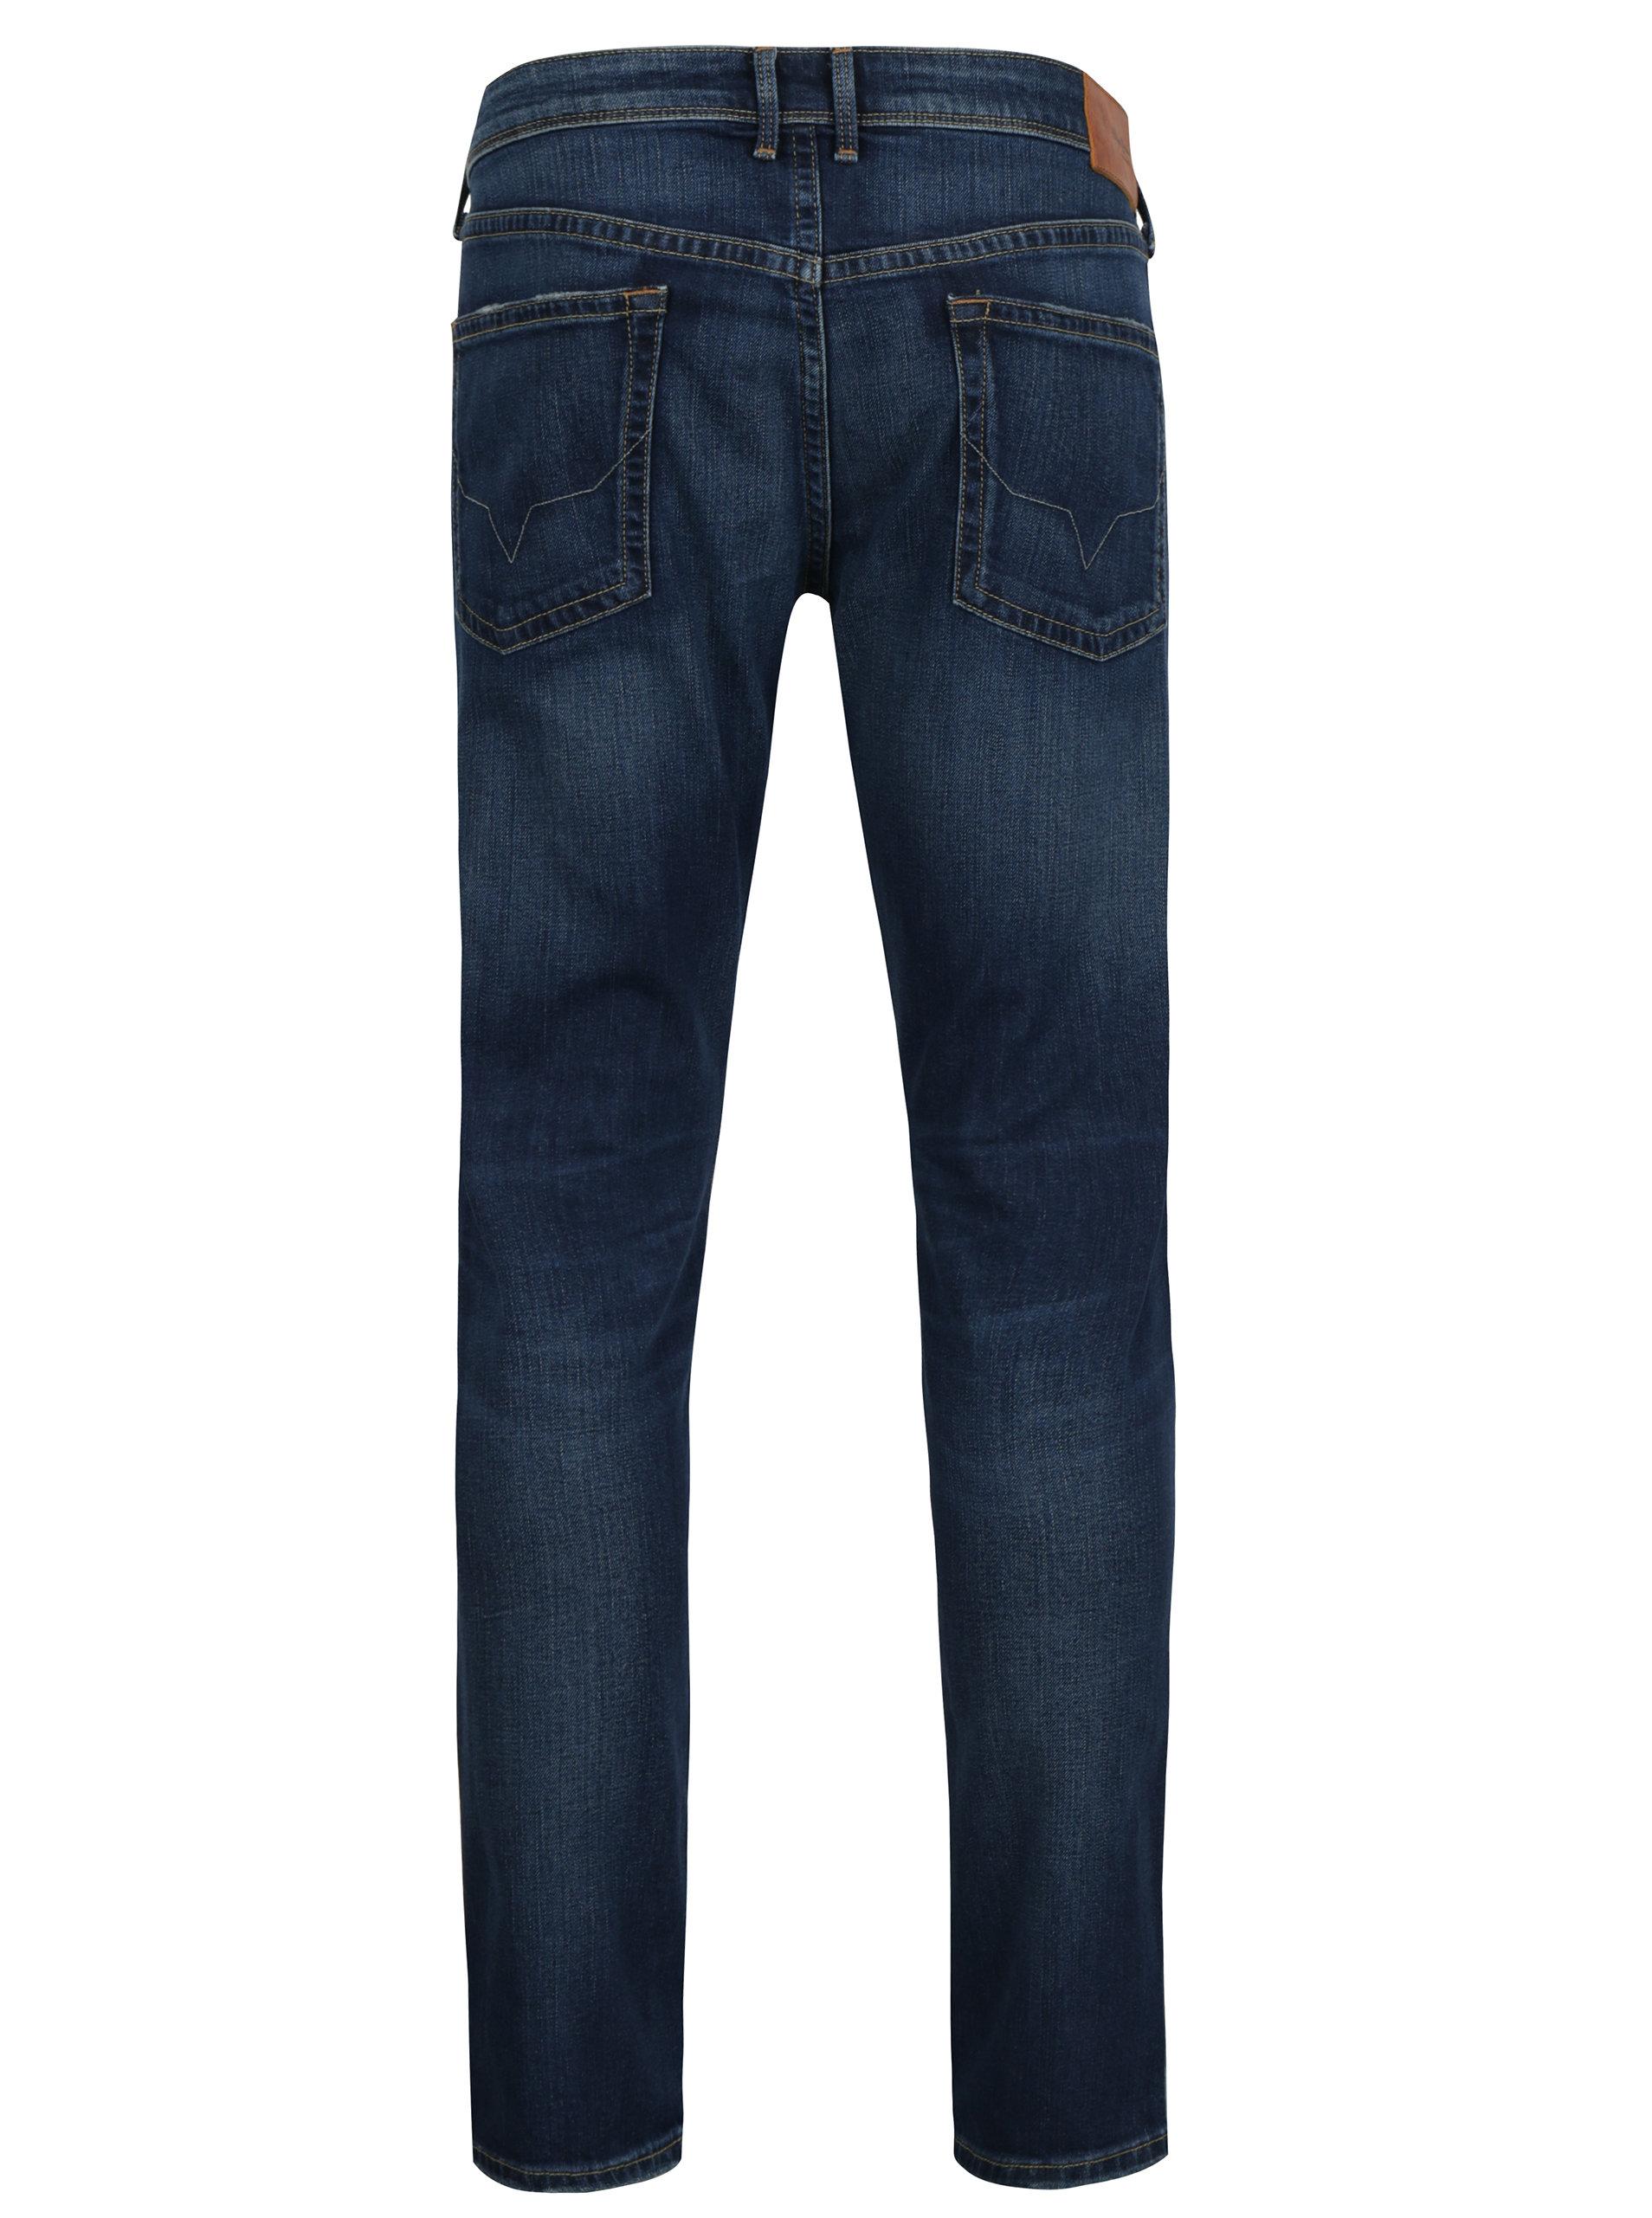 d0855750cdb Modré pánské slim džíny s nízkým pasem Pepe Jeans Hatch ...